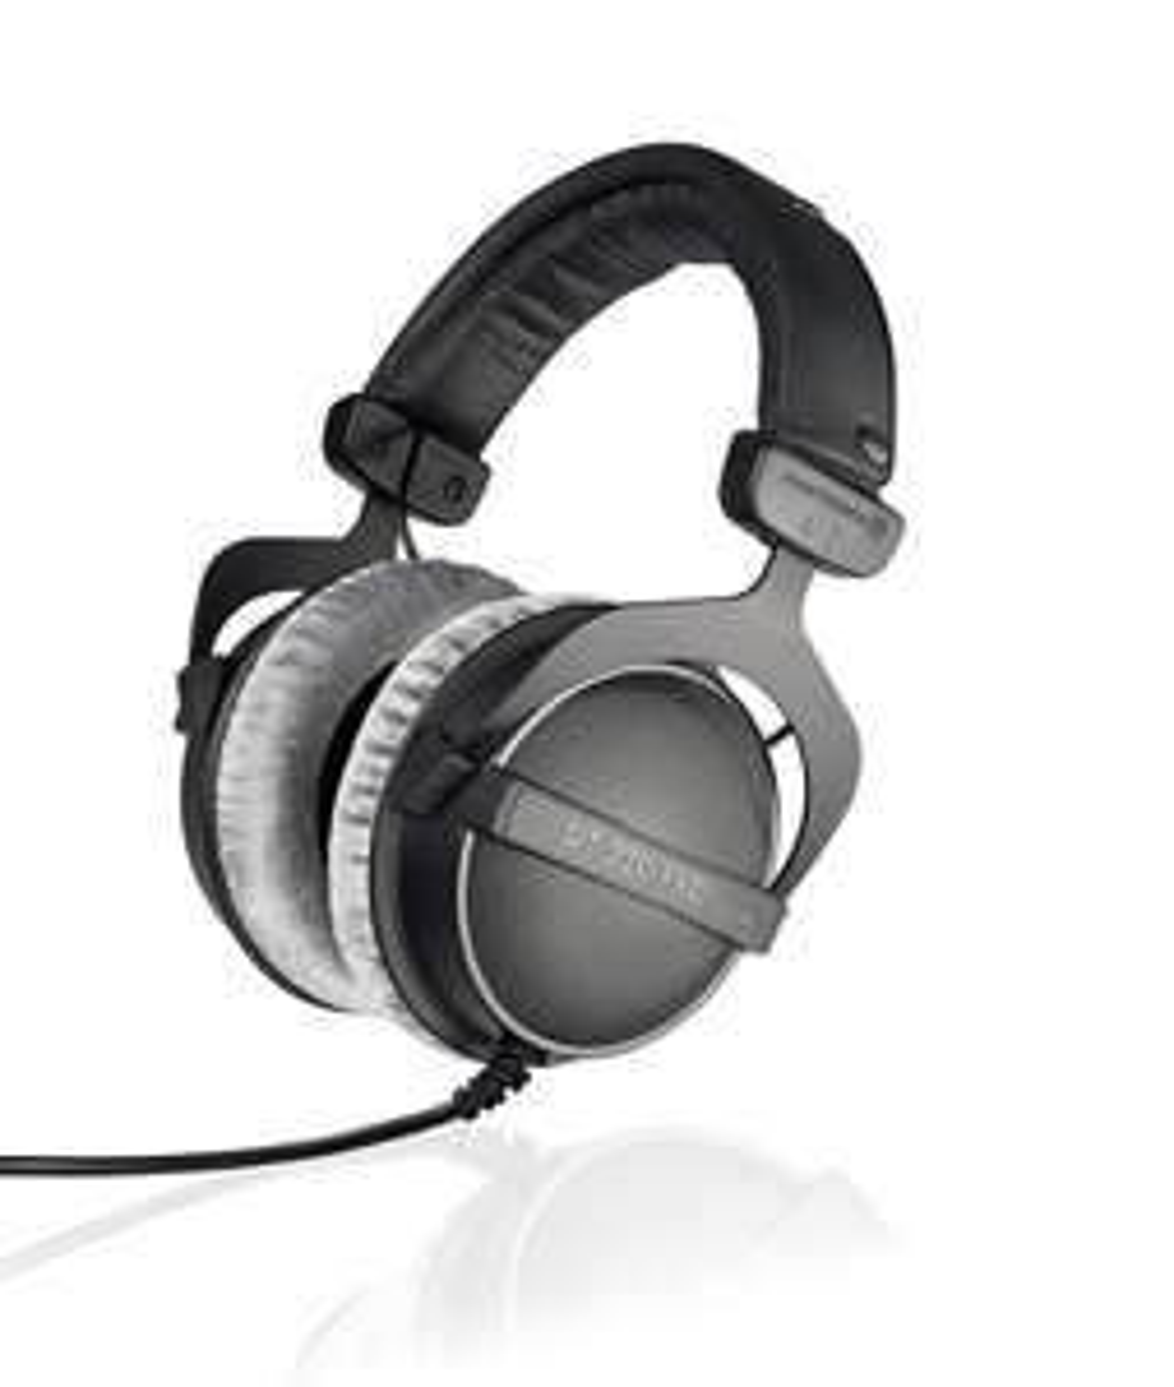 Słuchawki Beyerdynamic DT770 PRO 250 Ohm. Amazon.co.uk